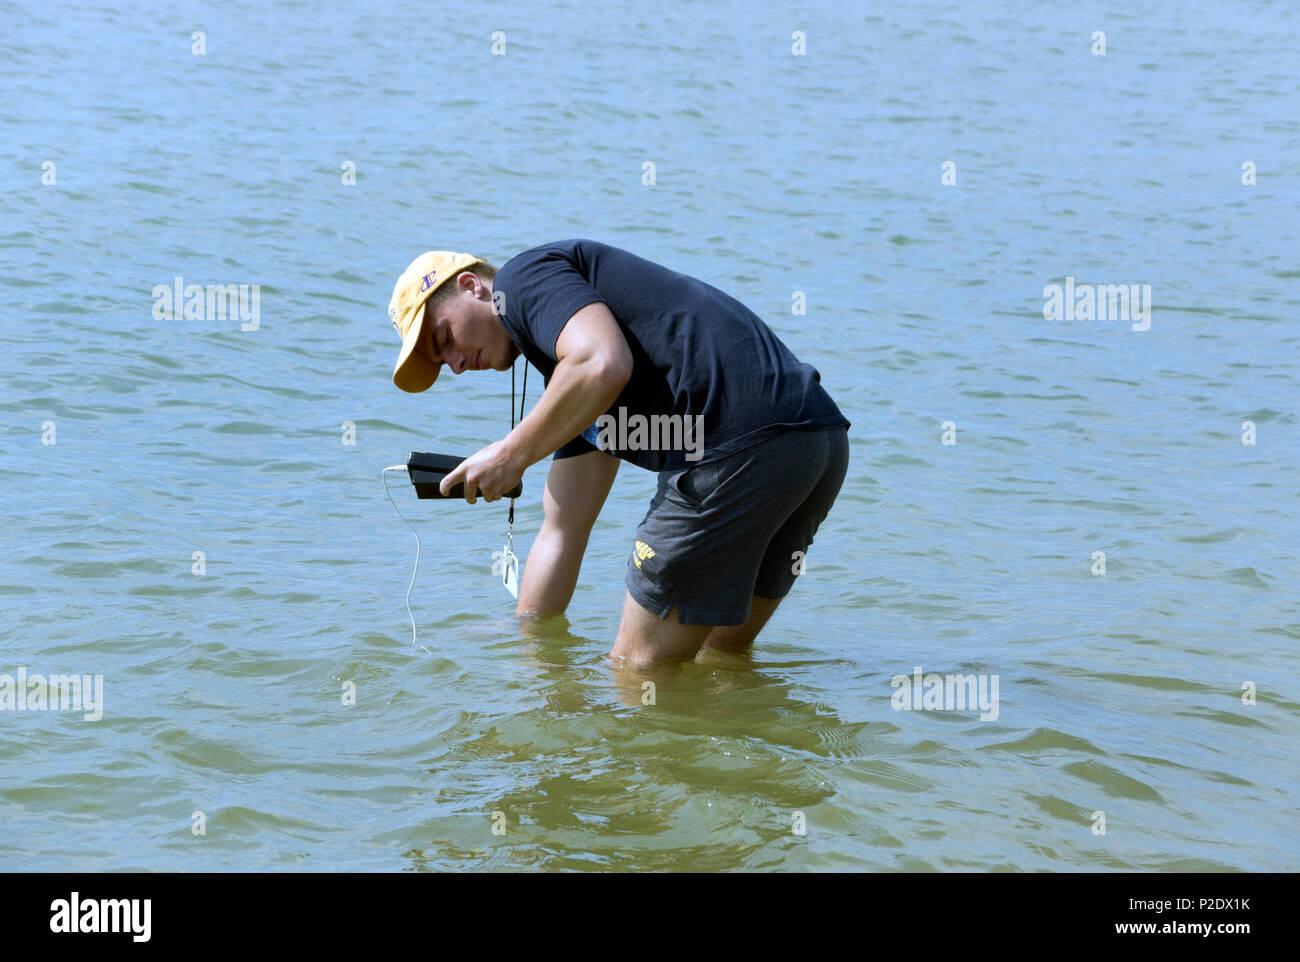 La température de l'eau test de l'homme, de la qualité du Lac Michigan beach pour Wisconsin Department of Natural Resources, les organismes locaux de santé Deux Rivières, WI Photo Stock